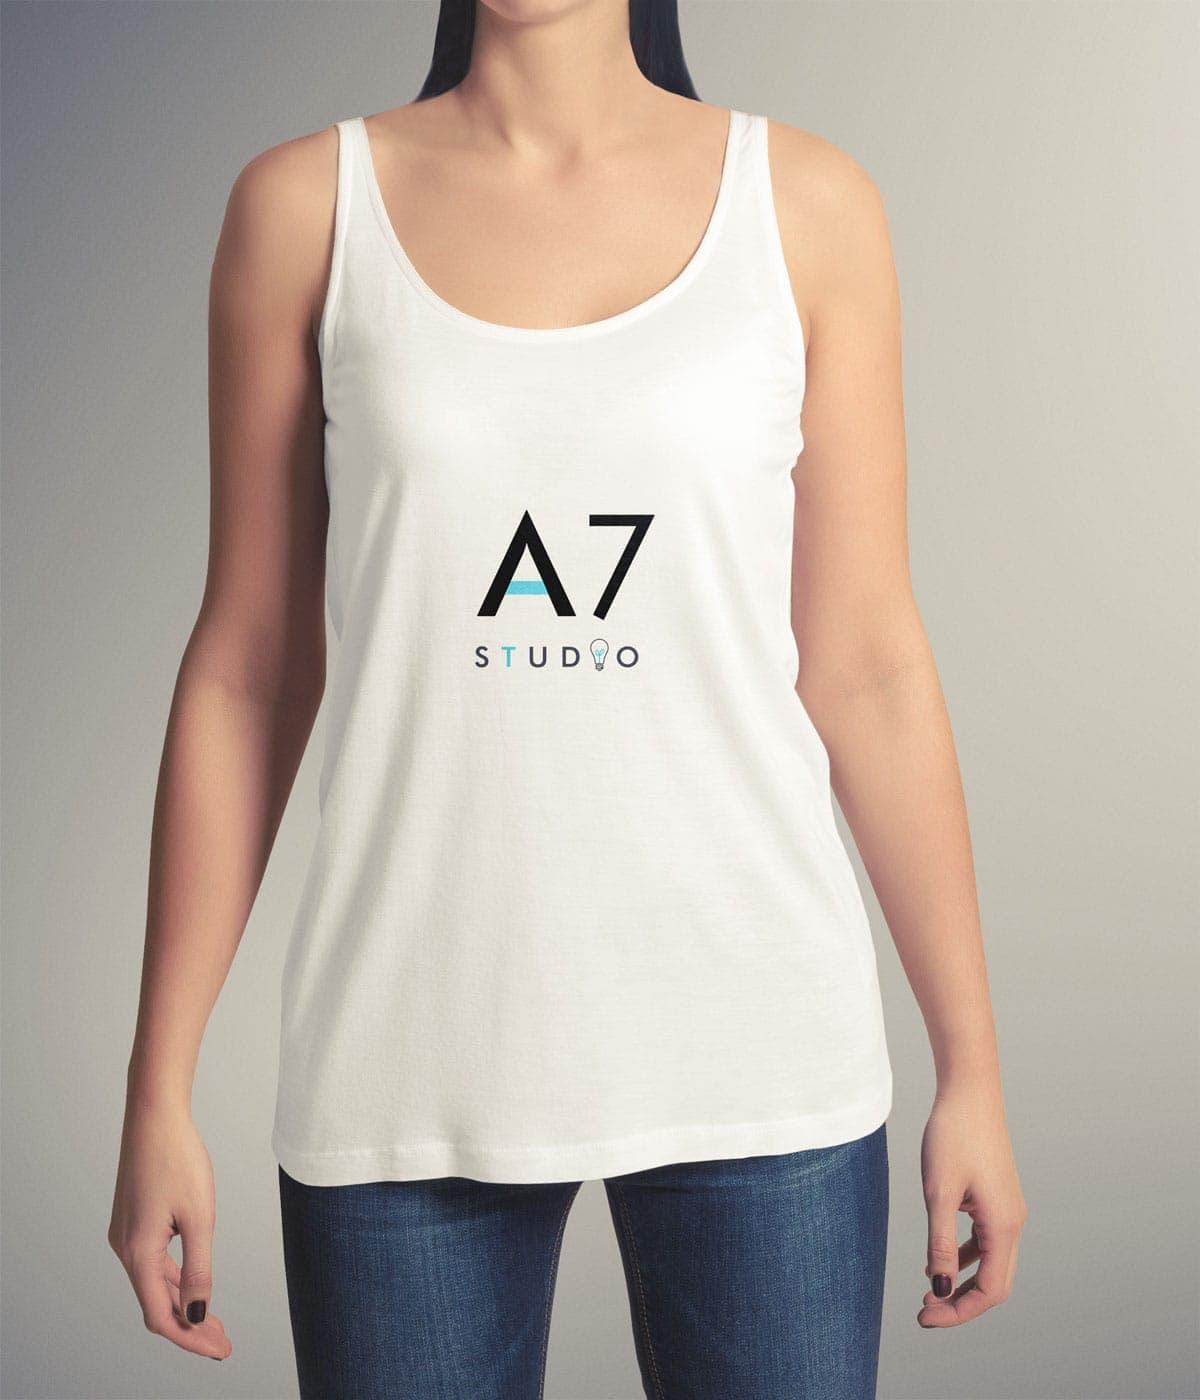 Projektowanie i nadruk na koszulkach - Studio A7 Bydgoszcz